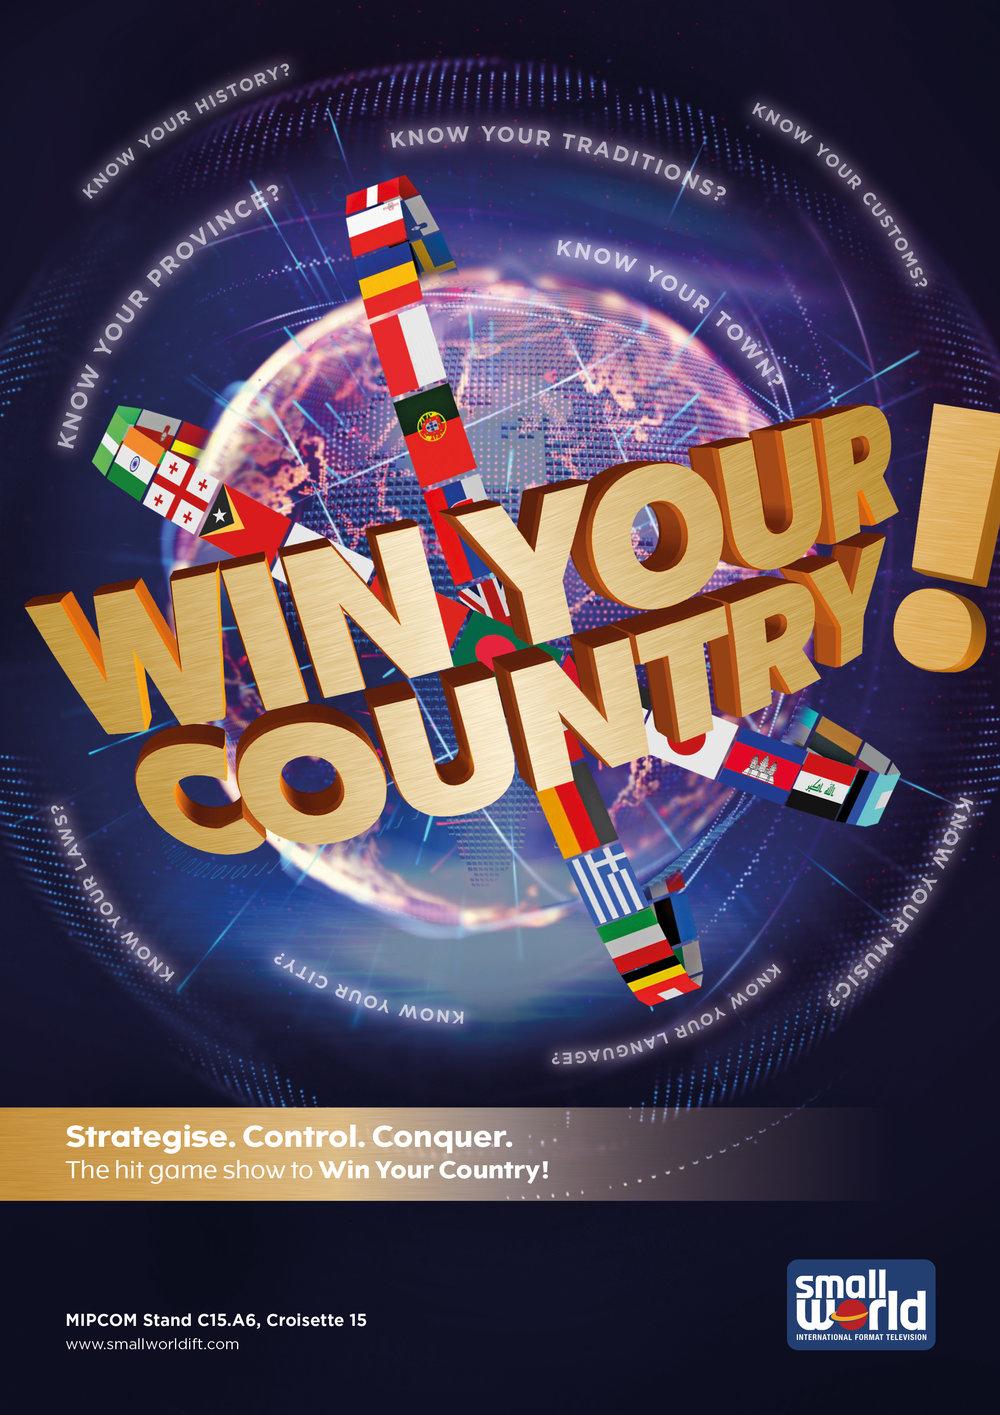 WIN_YOUR_COUNTRY_KEY_ART_v5.jpg